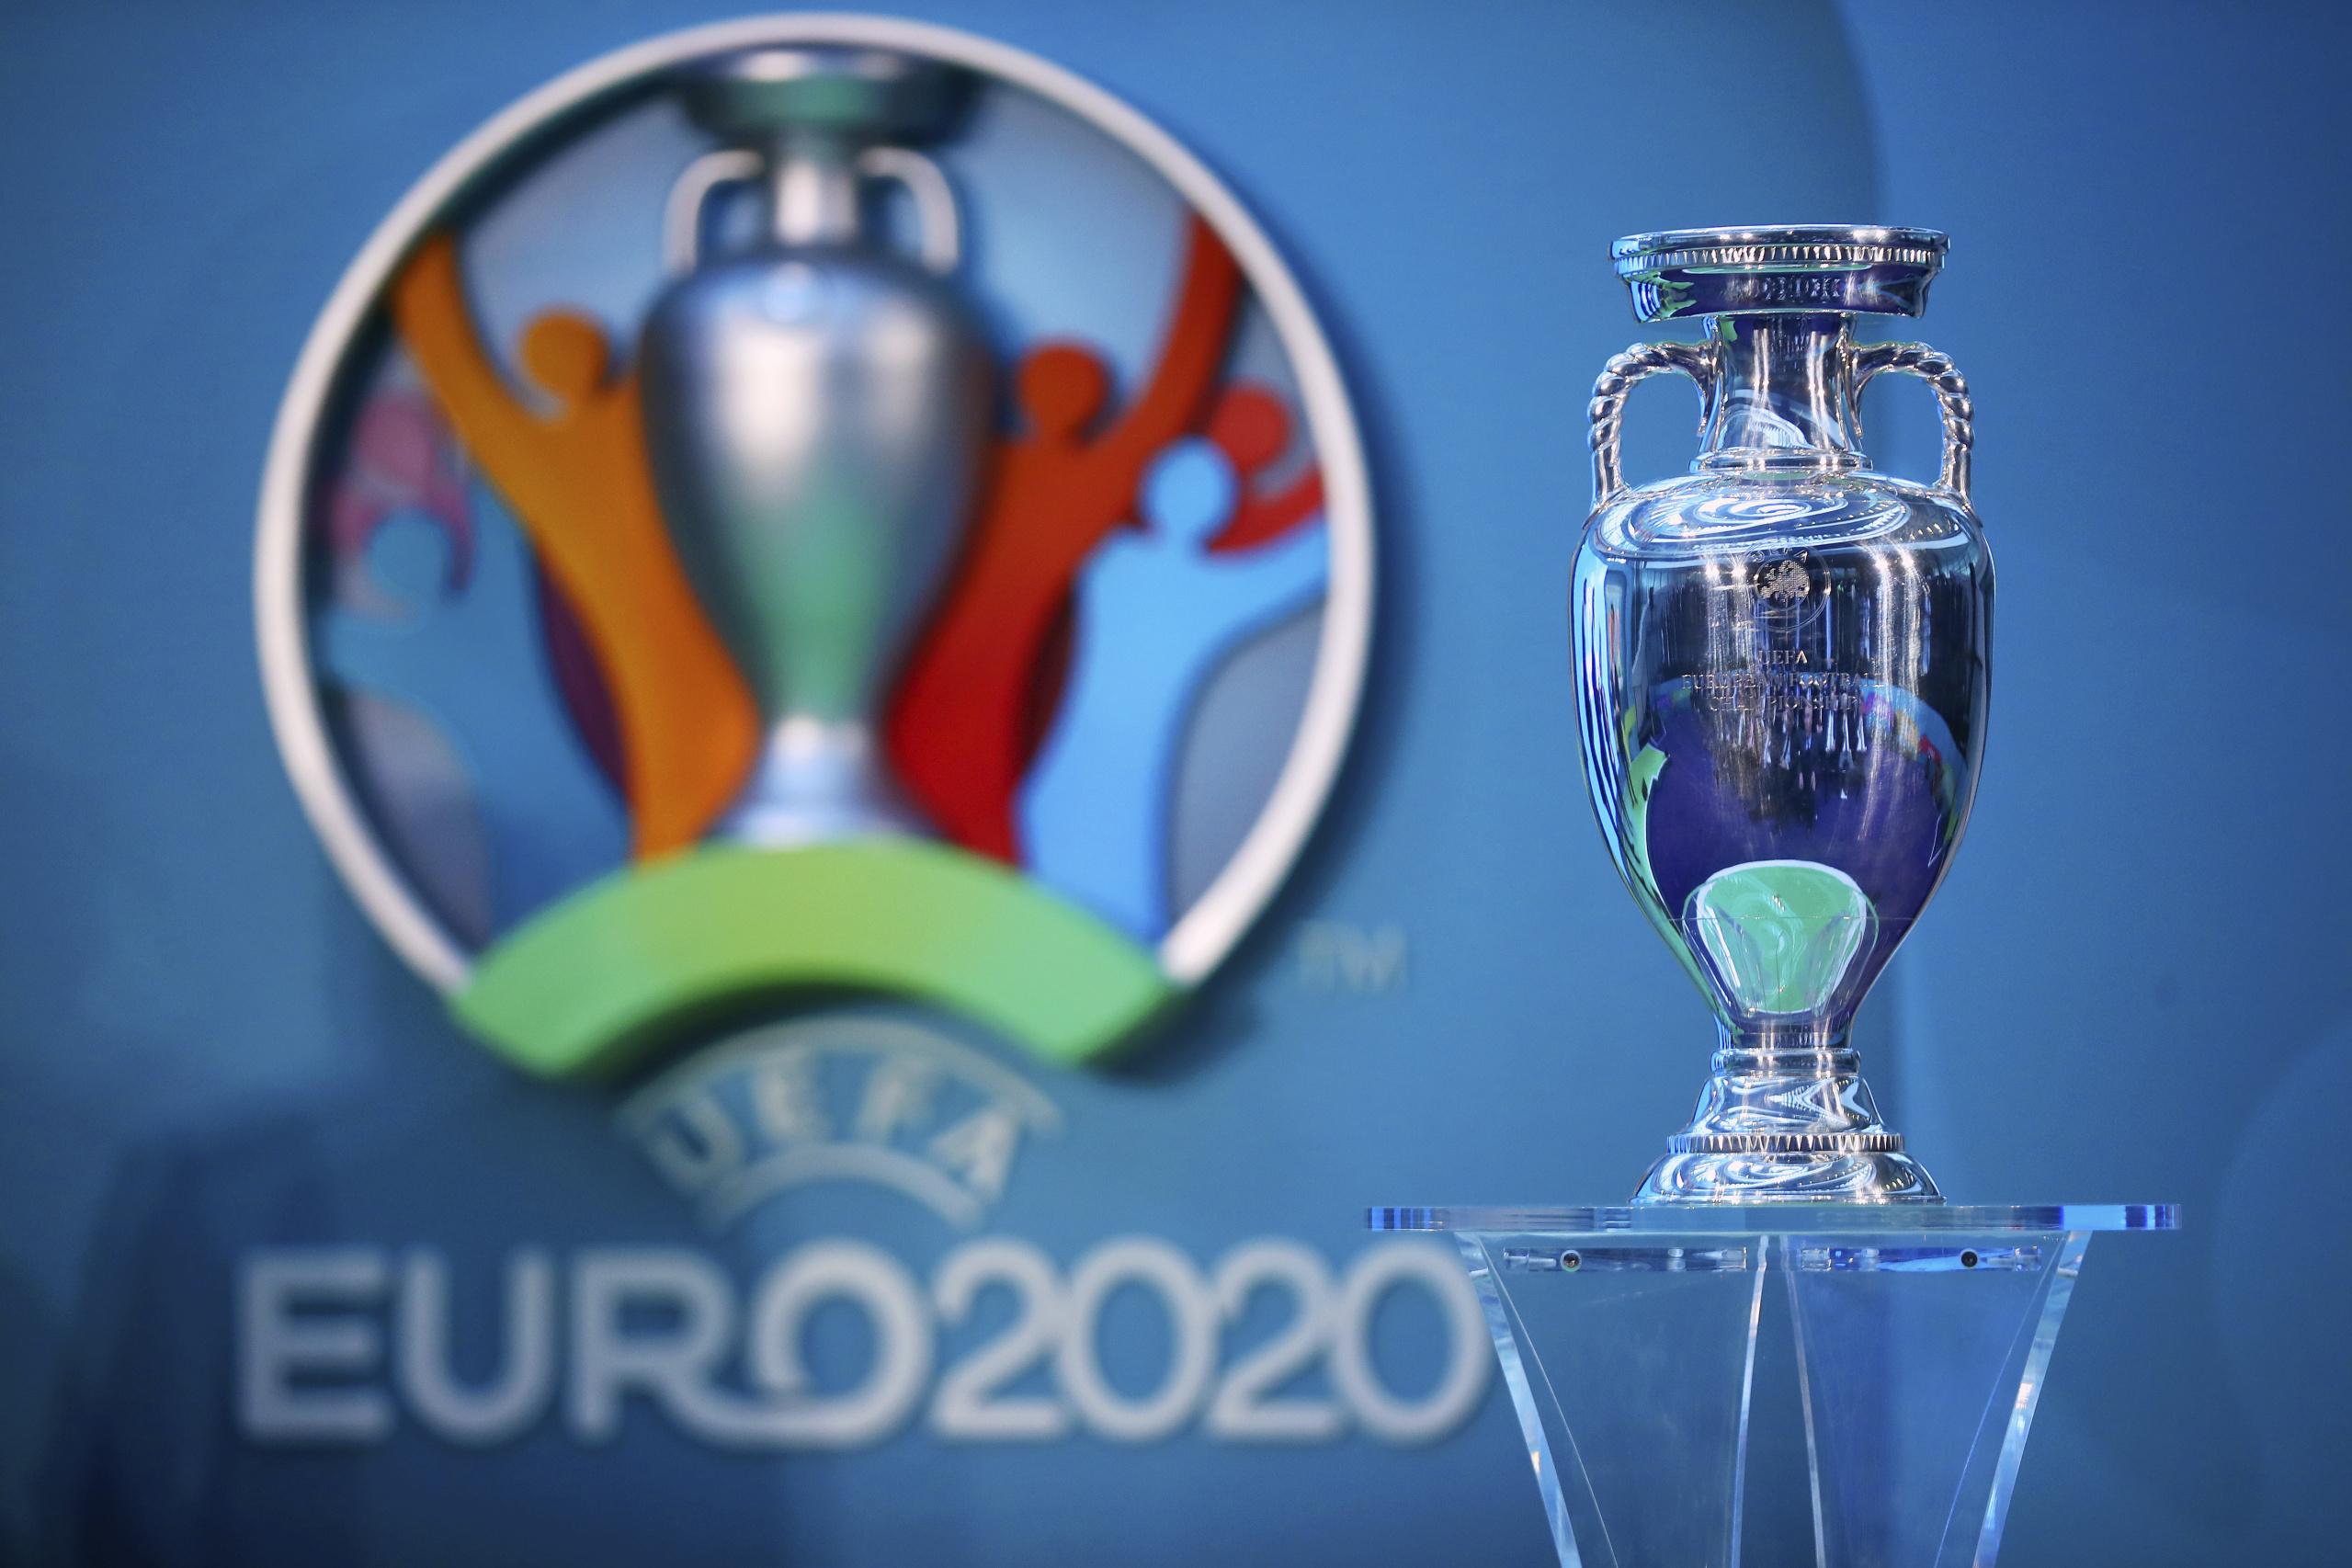 كأس اوروبا 2020: ويفا يلغي قرار تحديد القدرة الاستيعابية للملاعب عند 30%